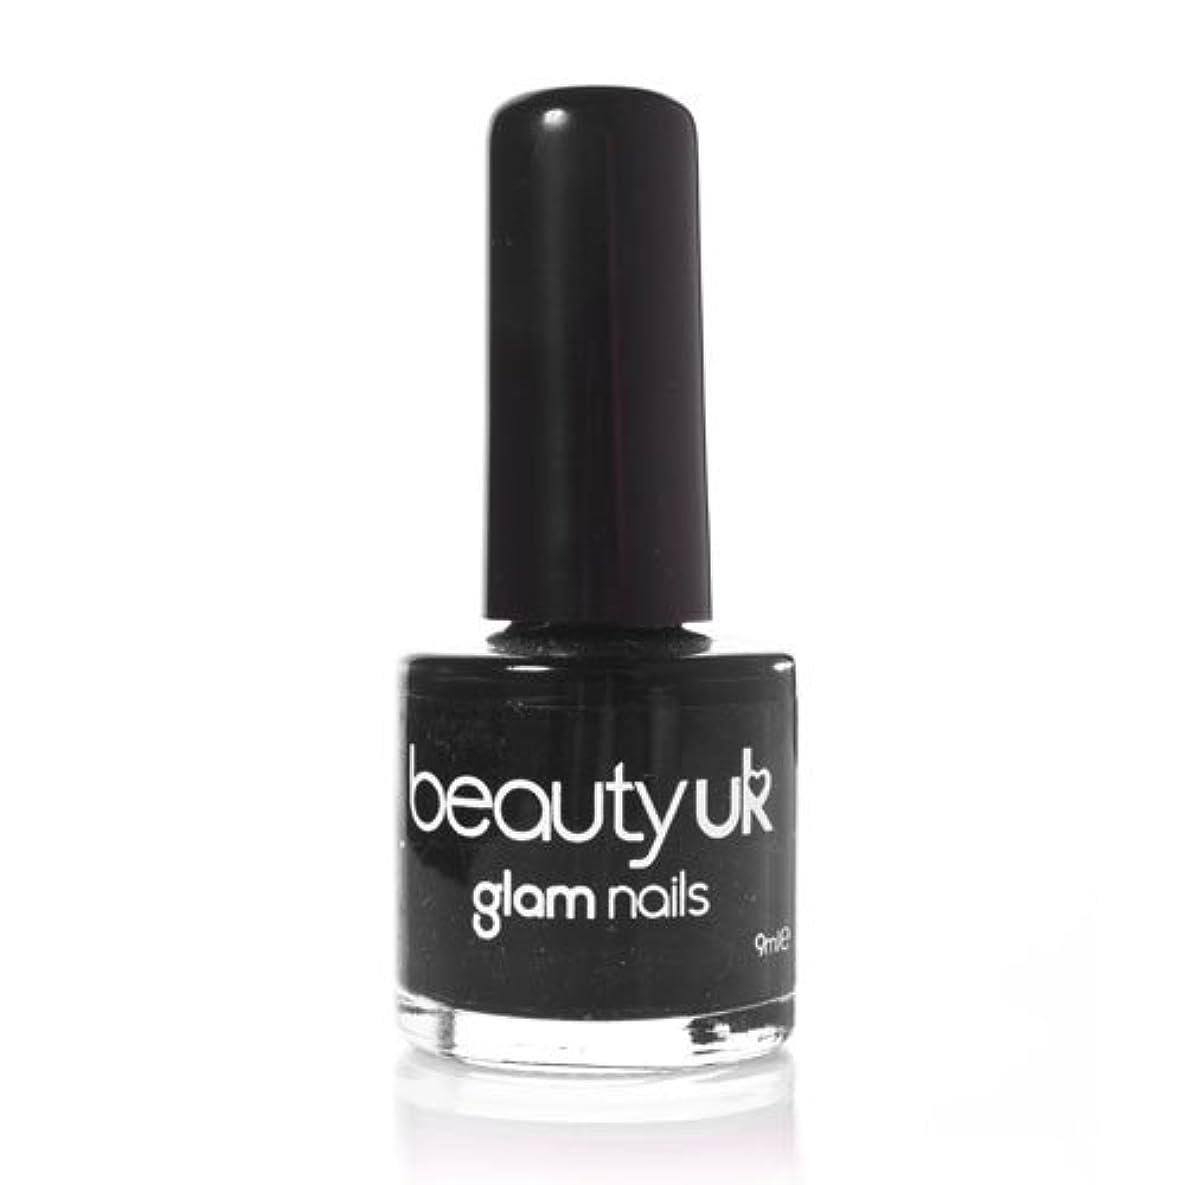 柔らかい足つかの間啓示Beauty Uk Glam Nails No6 Black 9ml [並行輸入品]